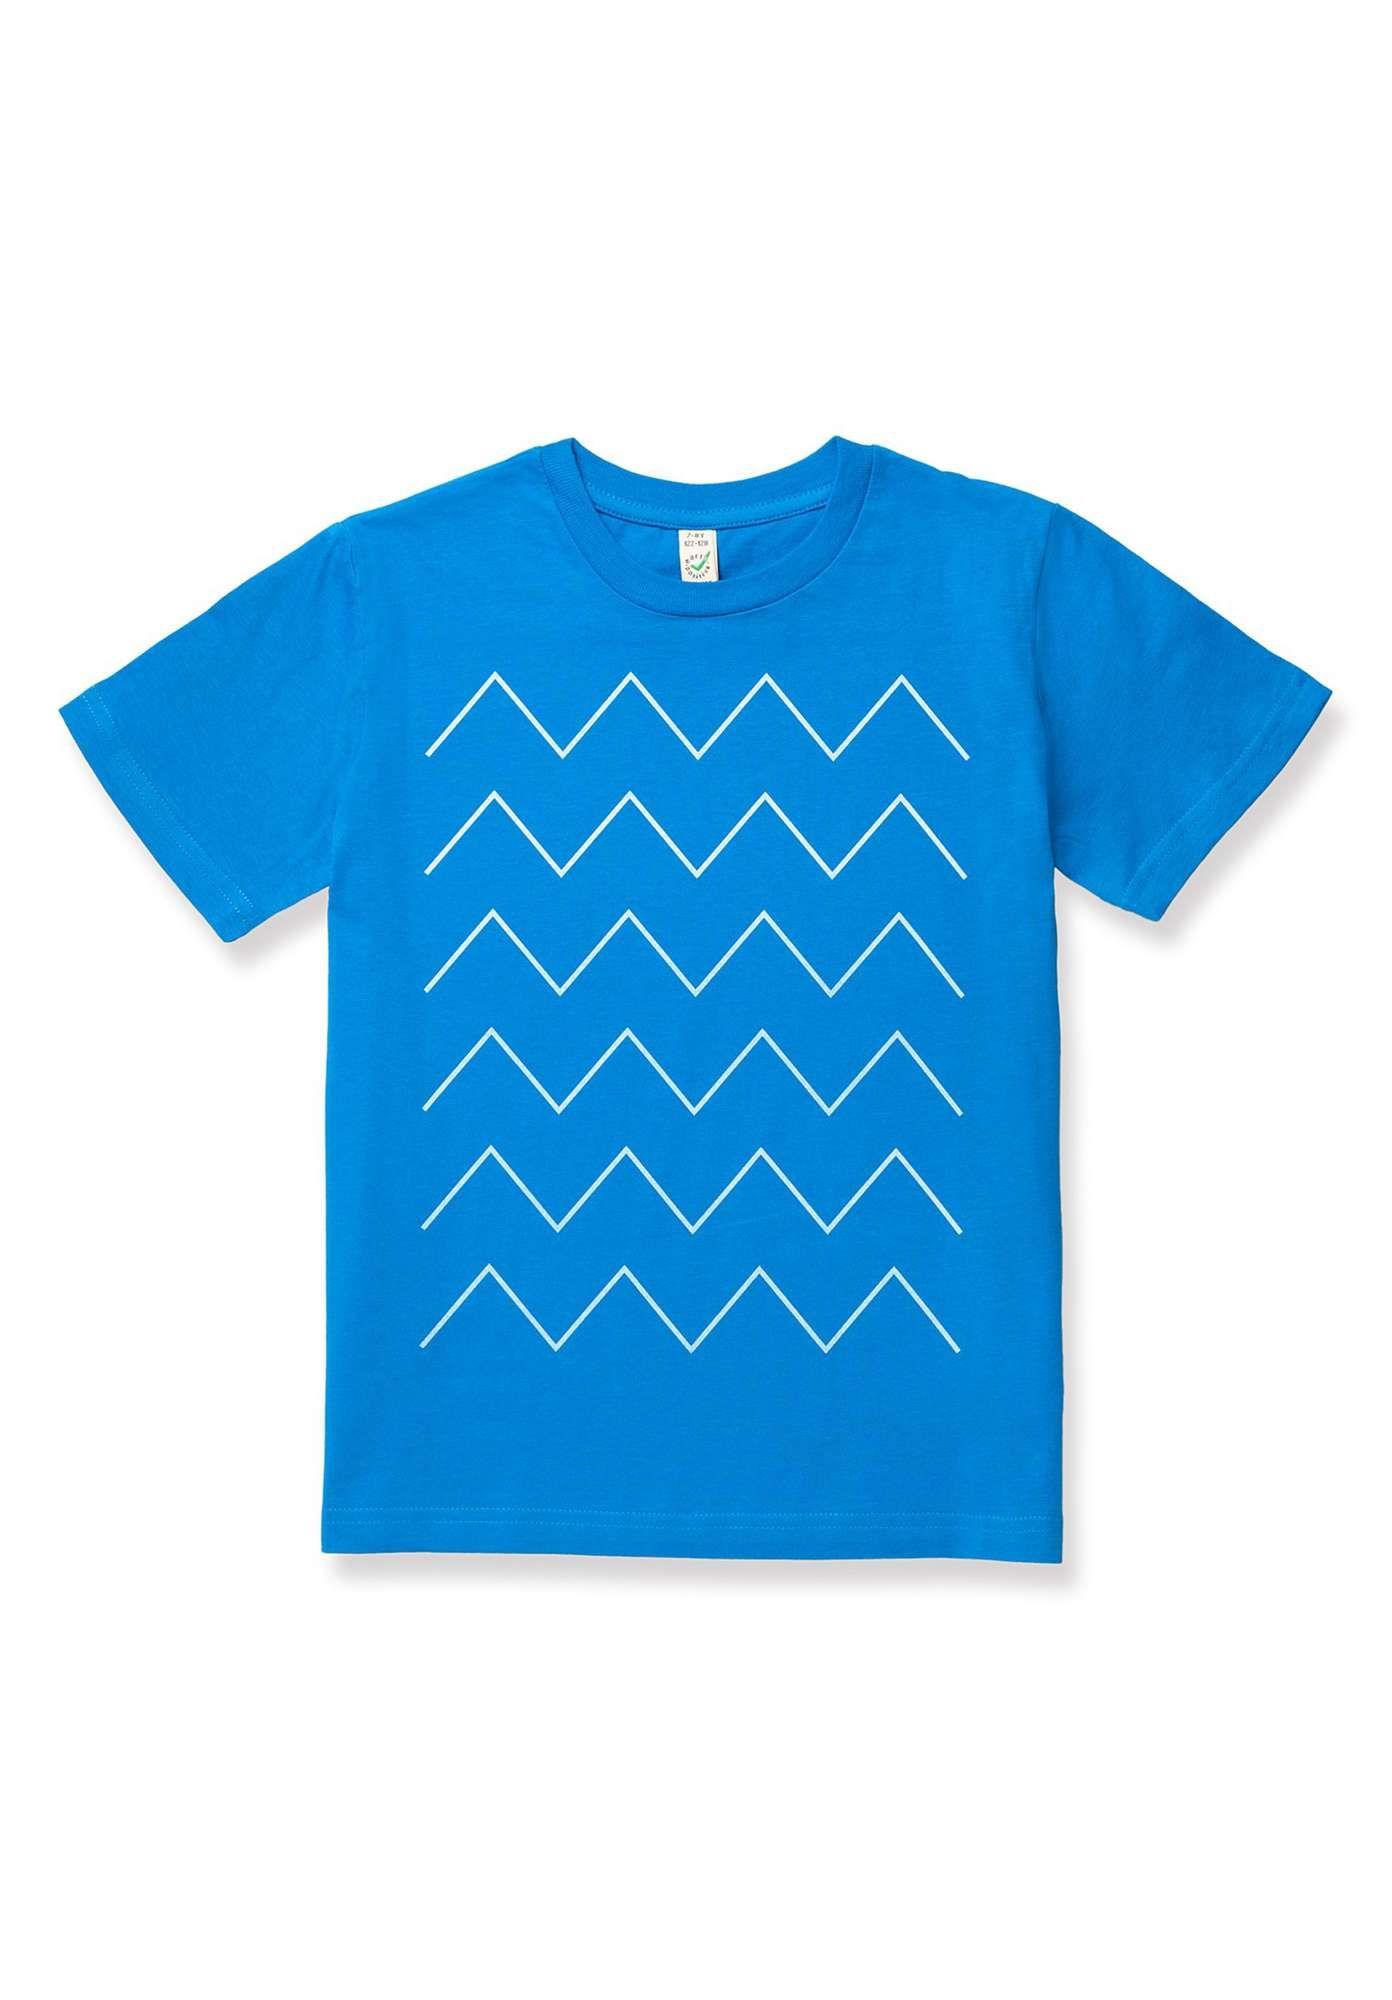 Thokkthokk Kinder T Shirt Thin Zigzag Blau Bio Fair Veganliebe Shirts Vegane Kleidung Kinder T Shirt